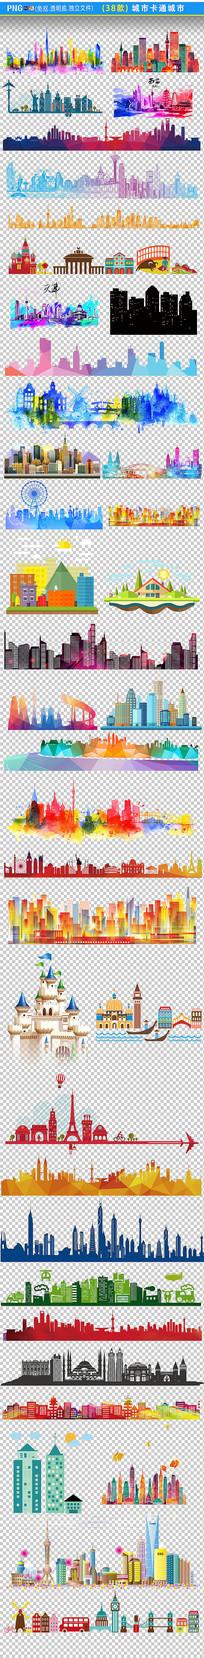 城市卡通城市png素材